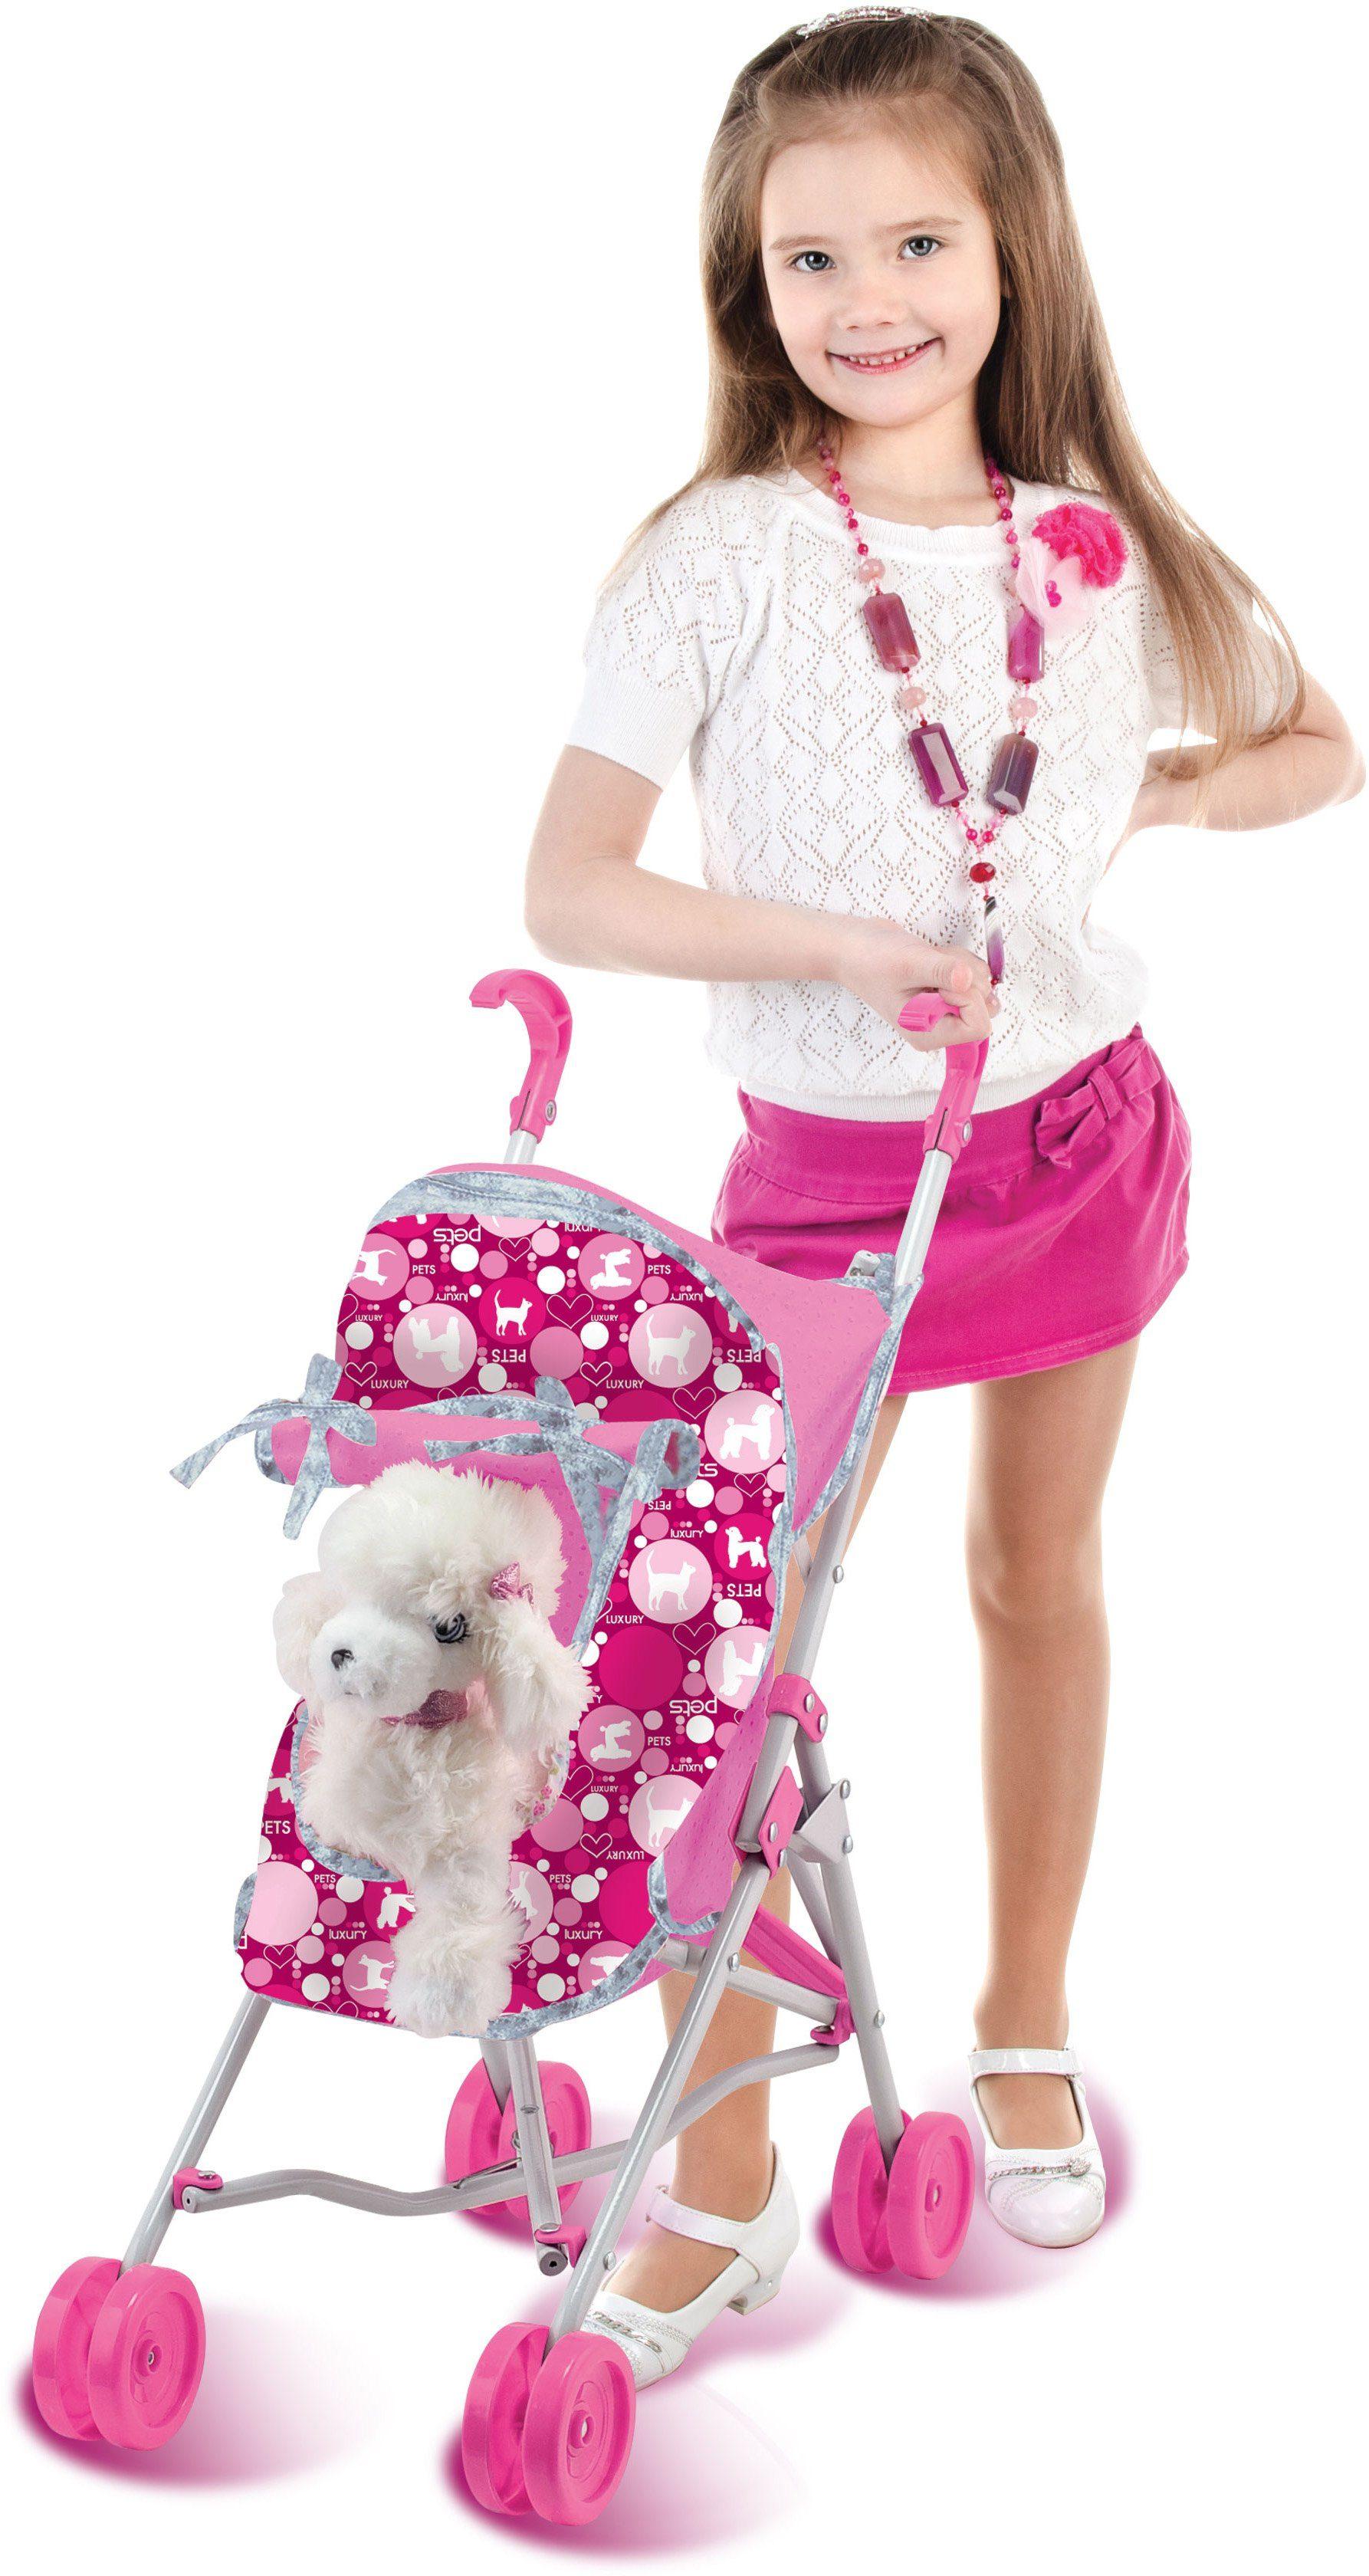 Dimian Hundebuggy mit Stofftier Hund, »Trendiger Plüschhund mit Buggy«